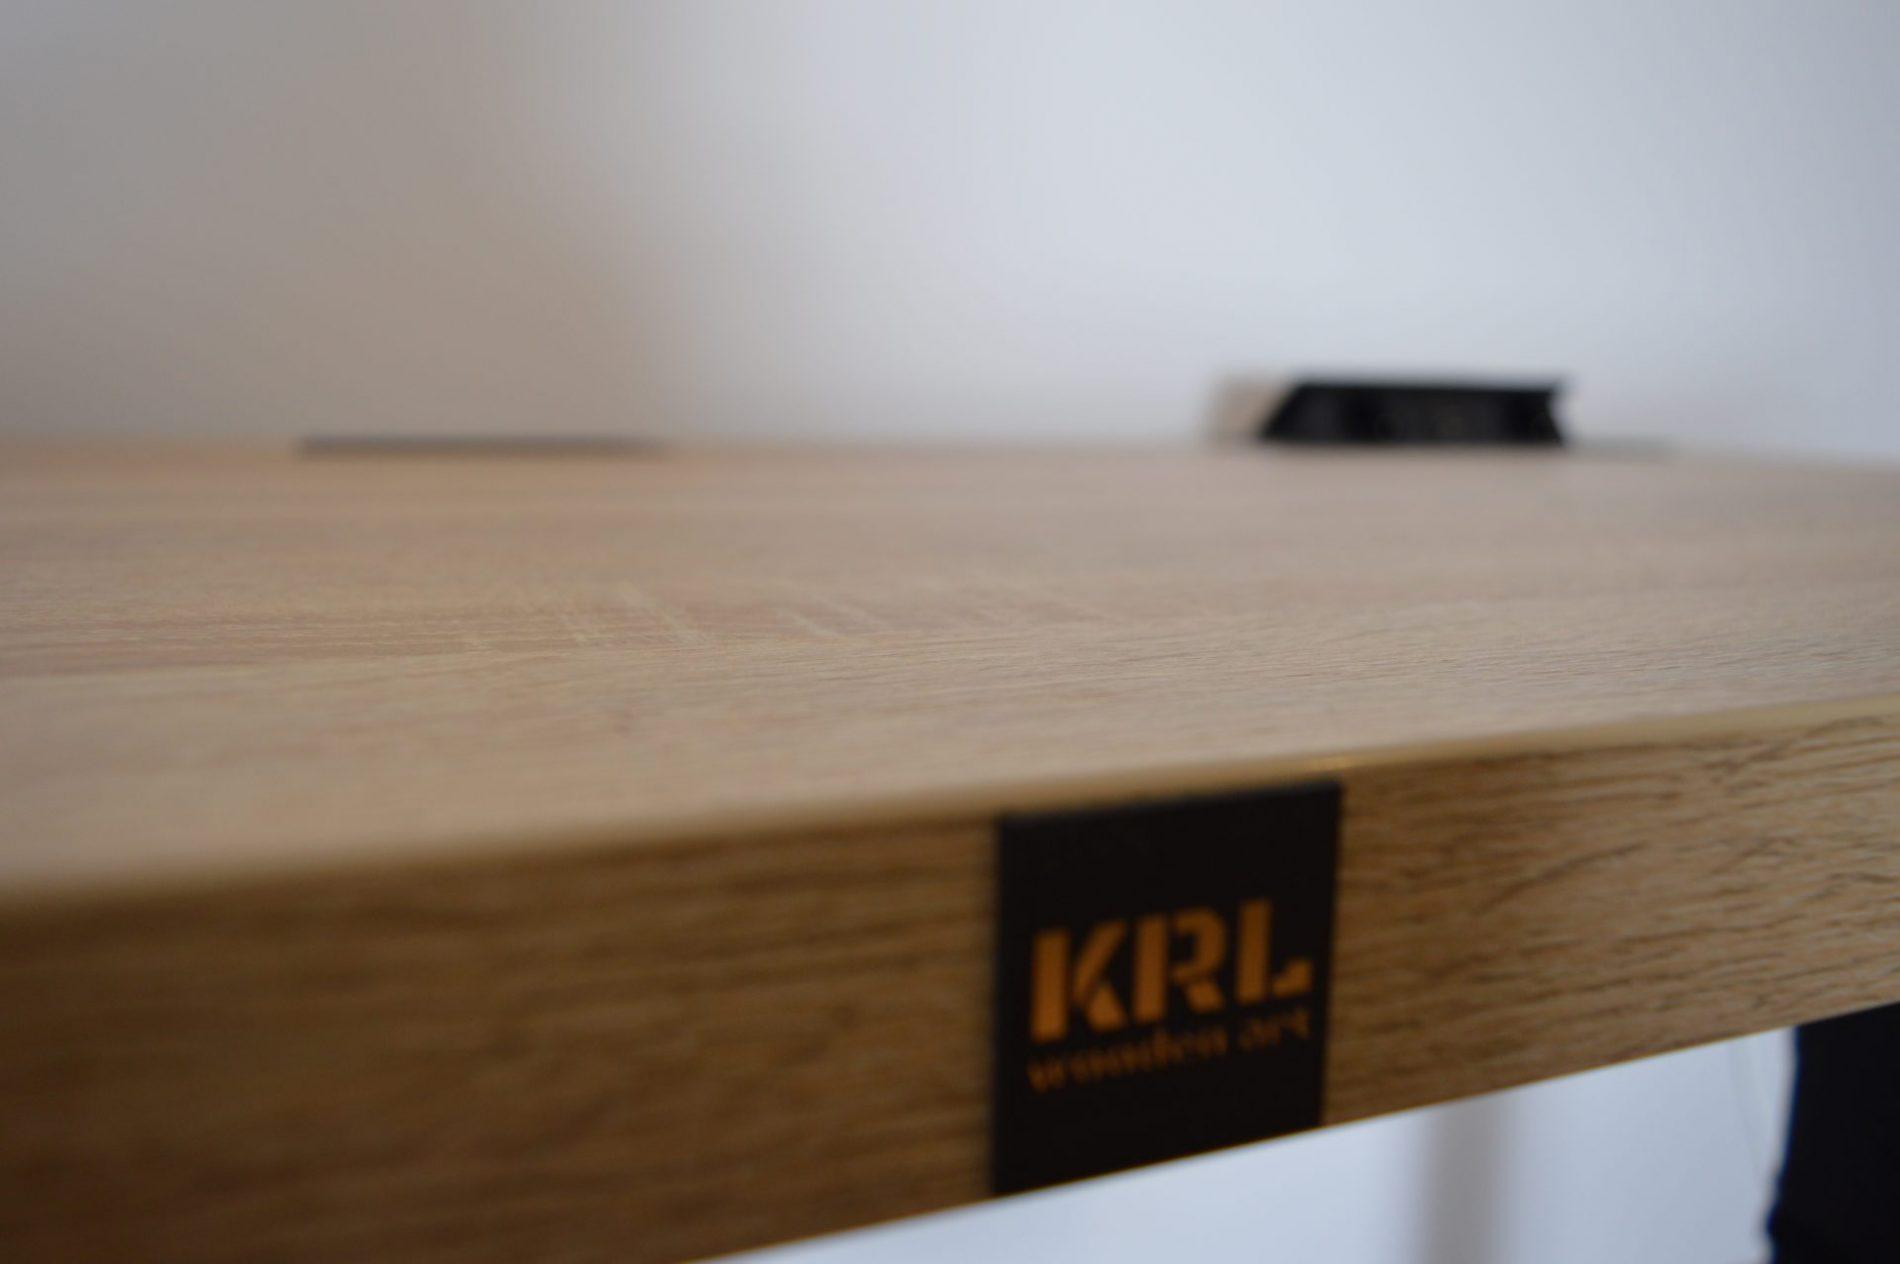 biurka krl wooden art blaty duże